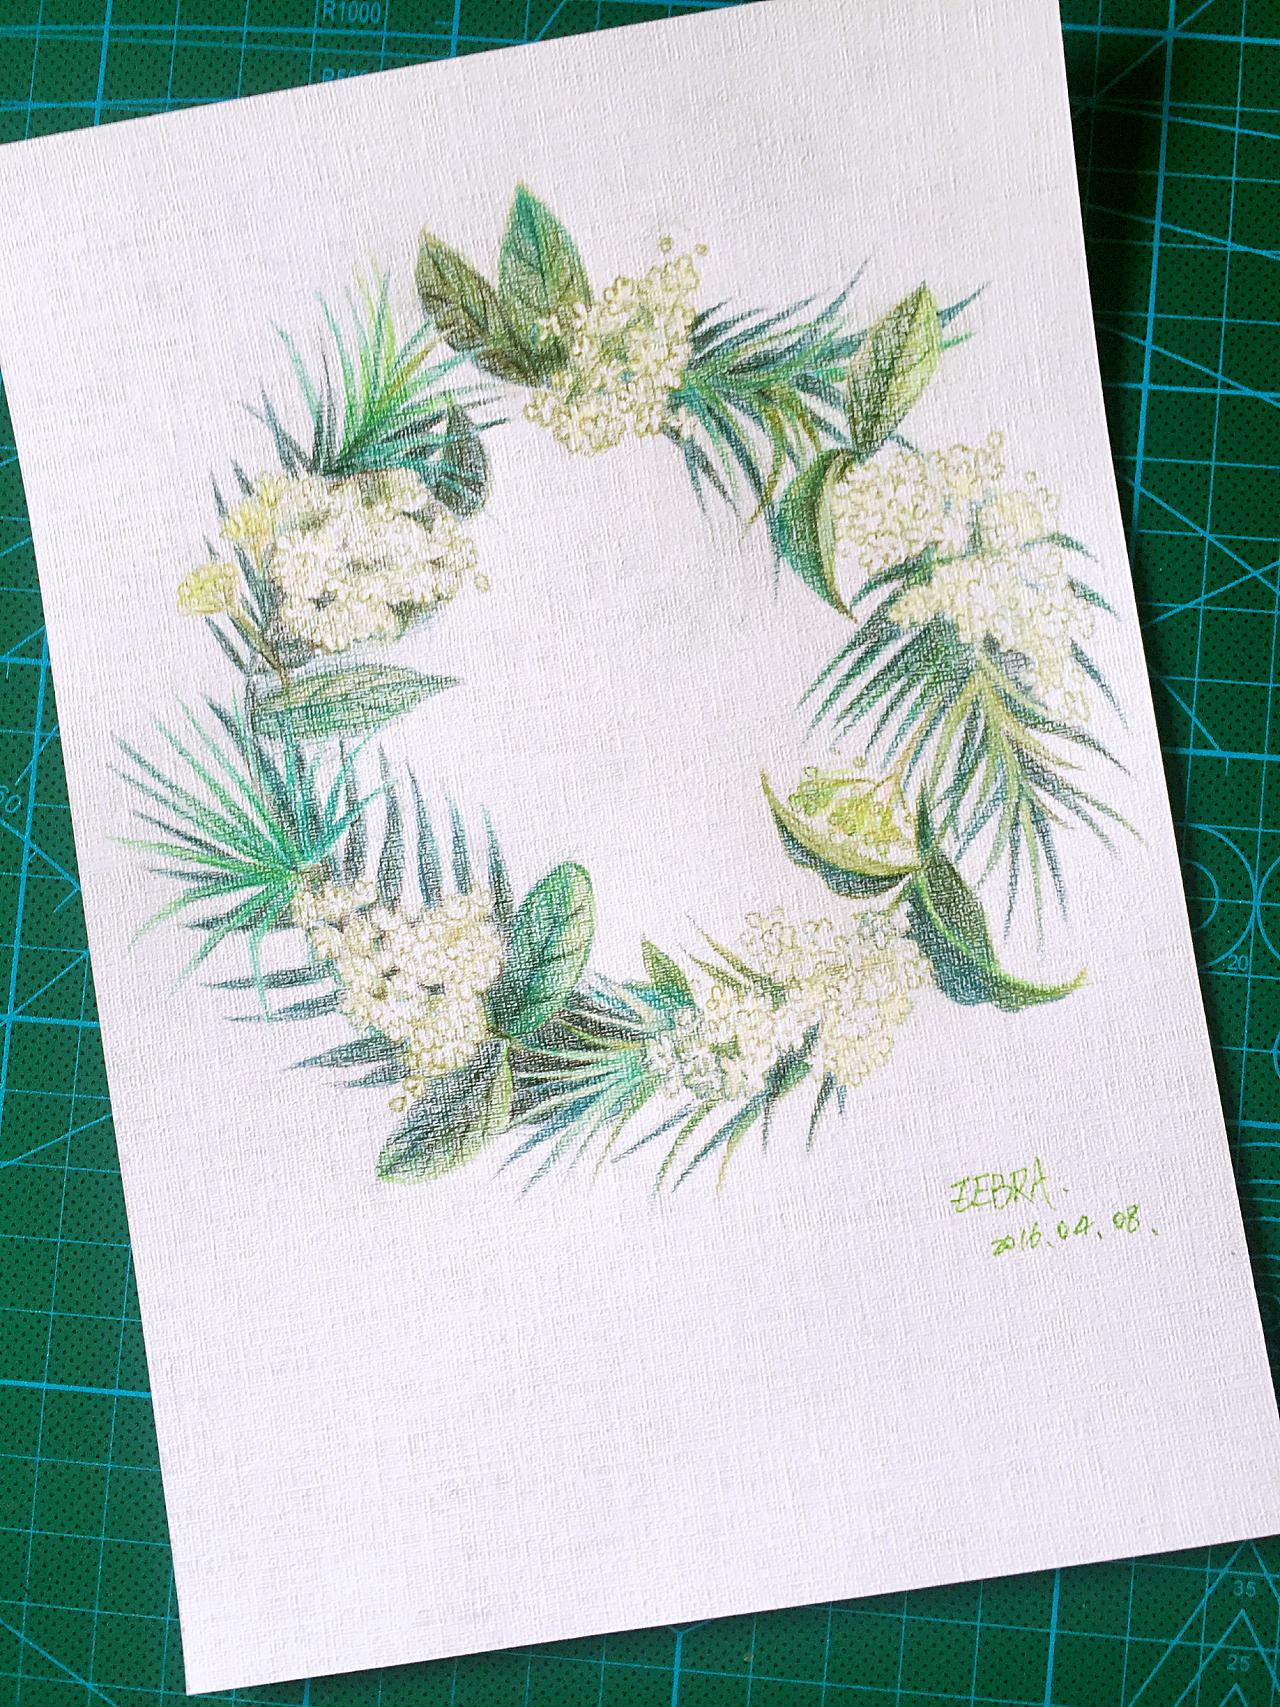 日绘 手绘 彩铅 花环 小清新